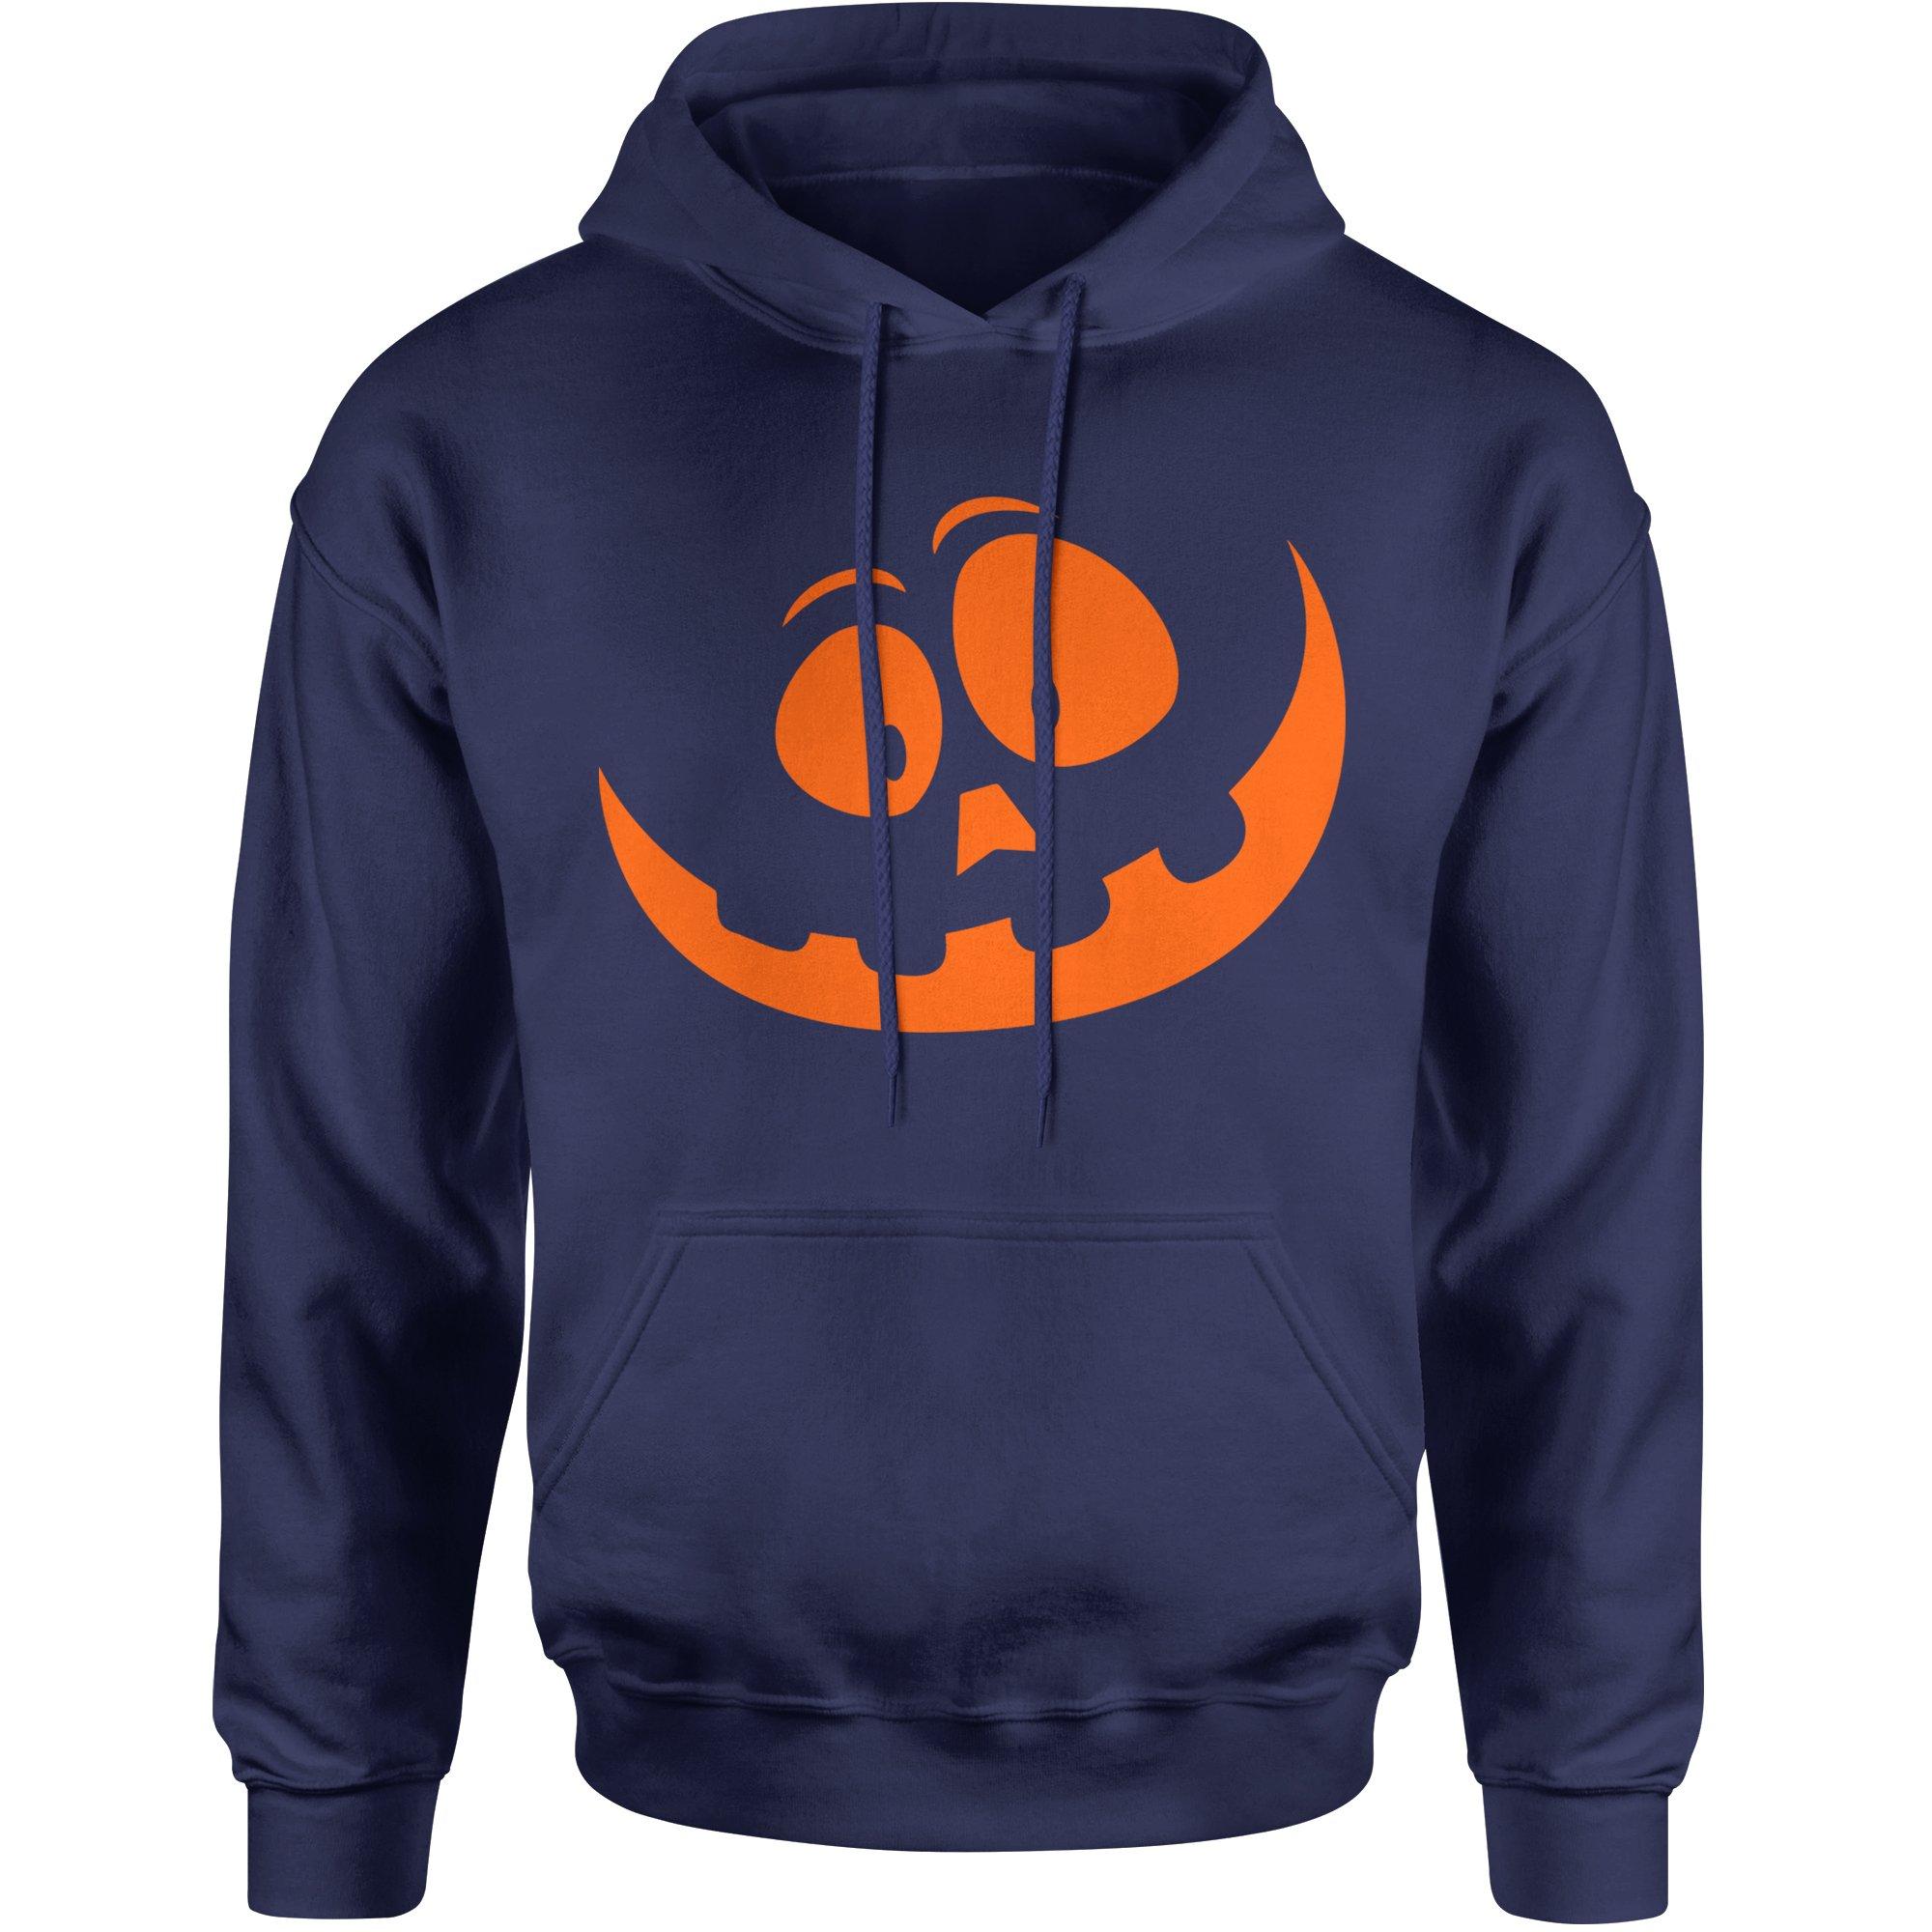 Silly Pumpkin Face Orangeprint Unisex Adult Shirts